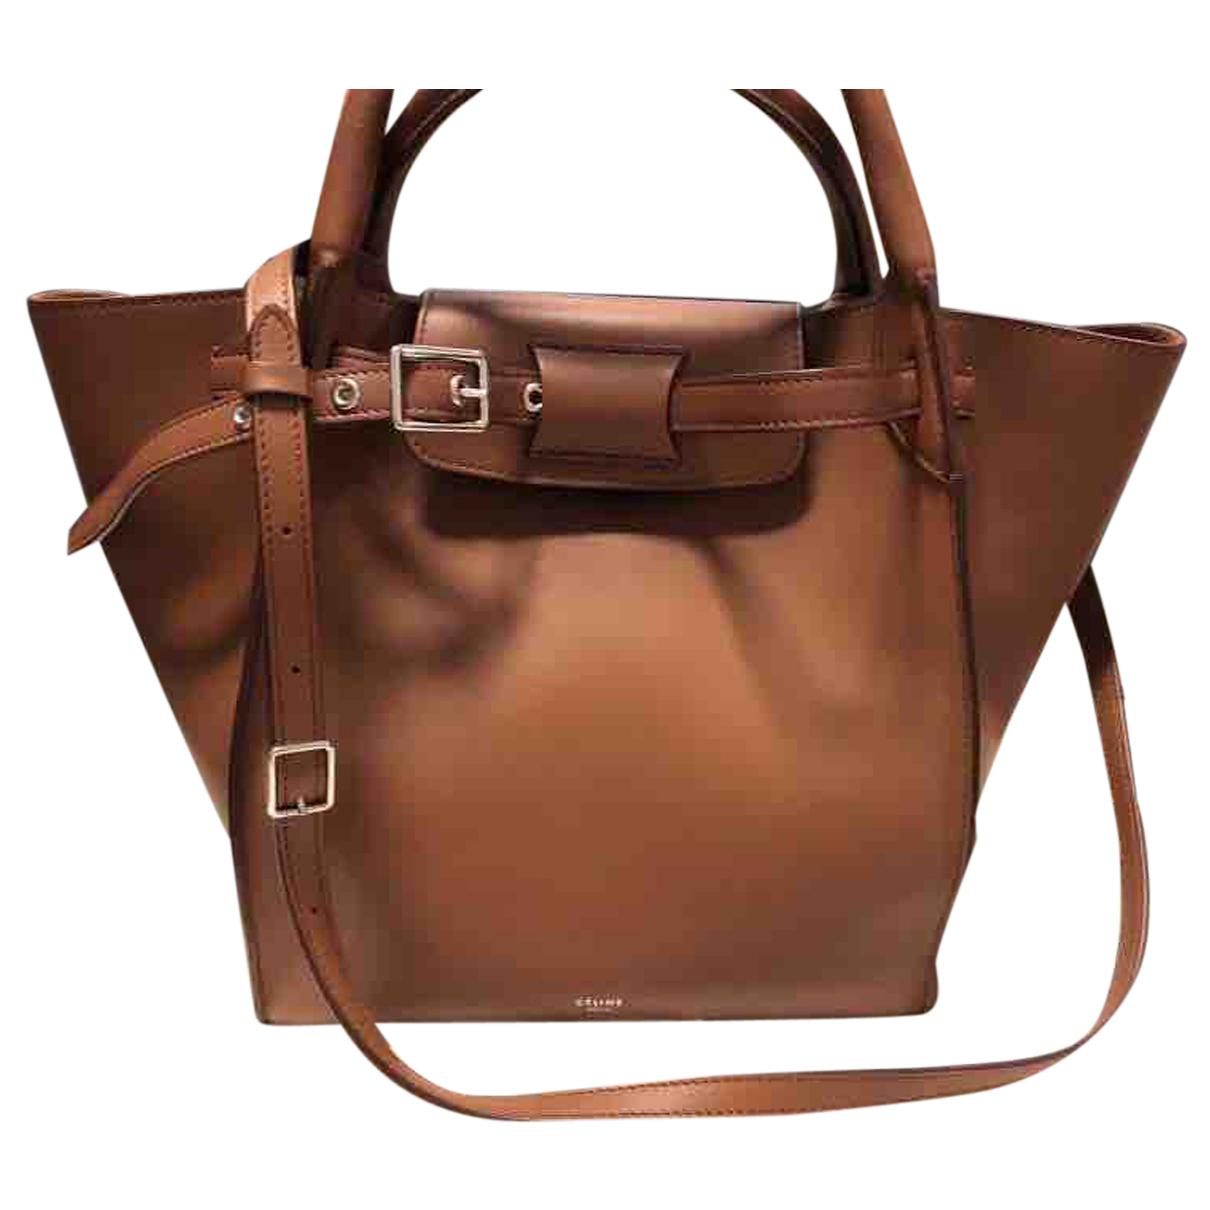 Celine Big Bag Brown Leather handbag for Women N